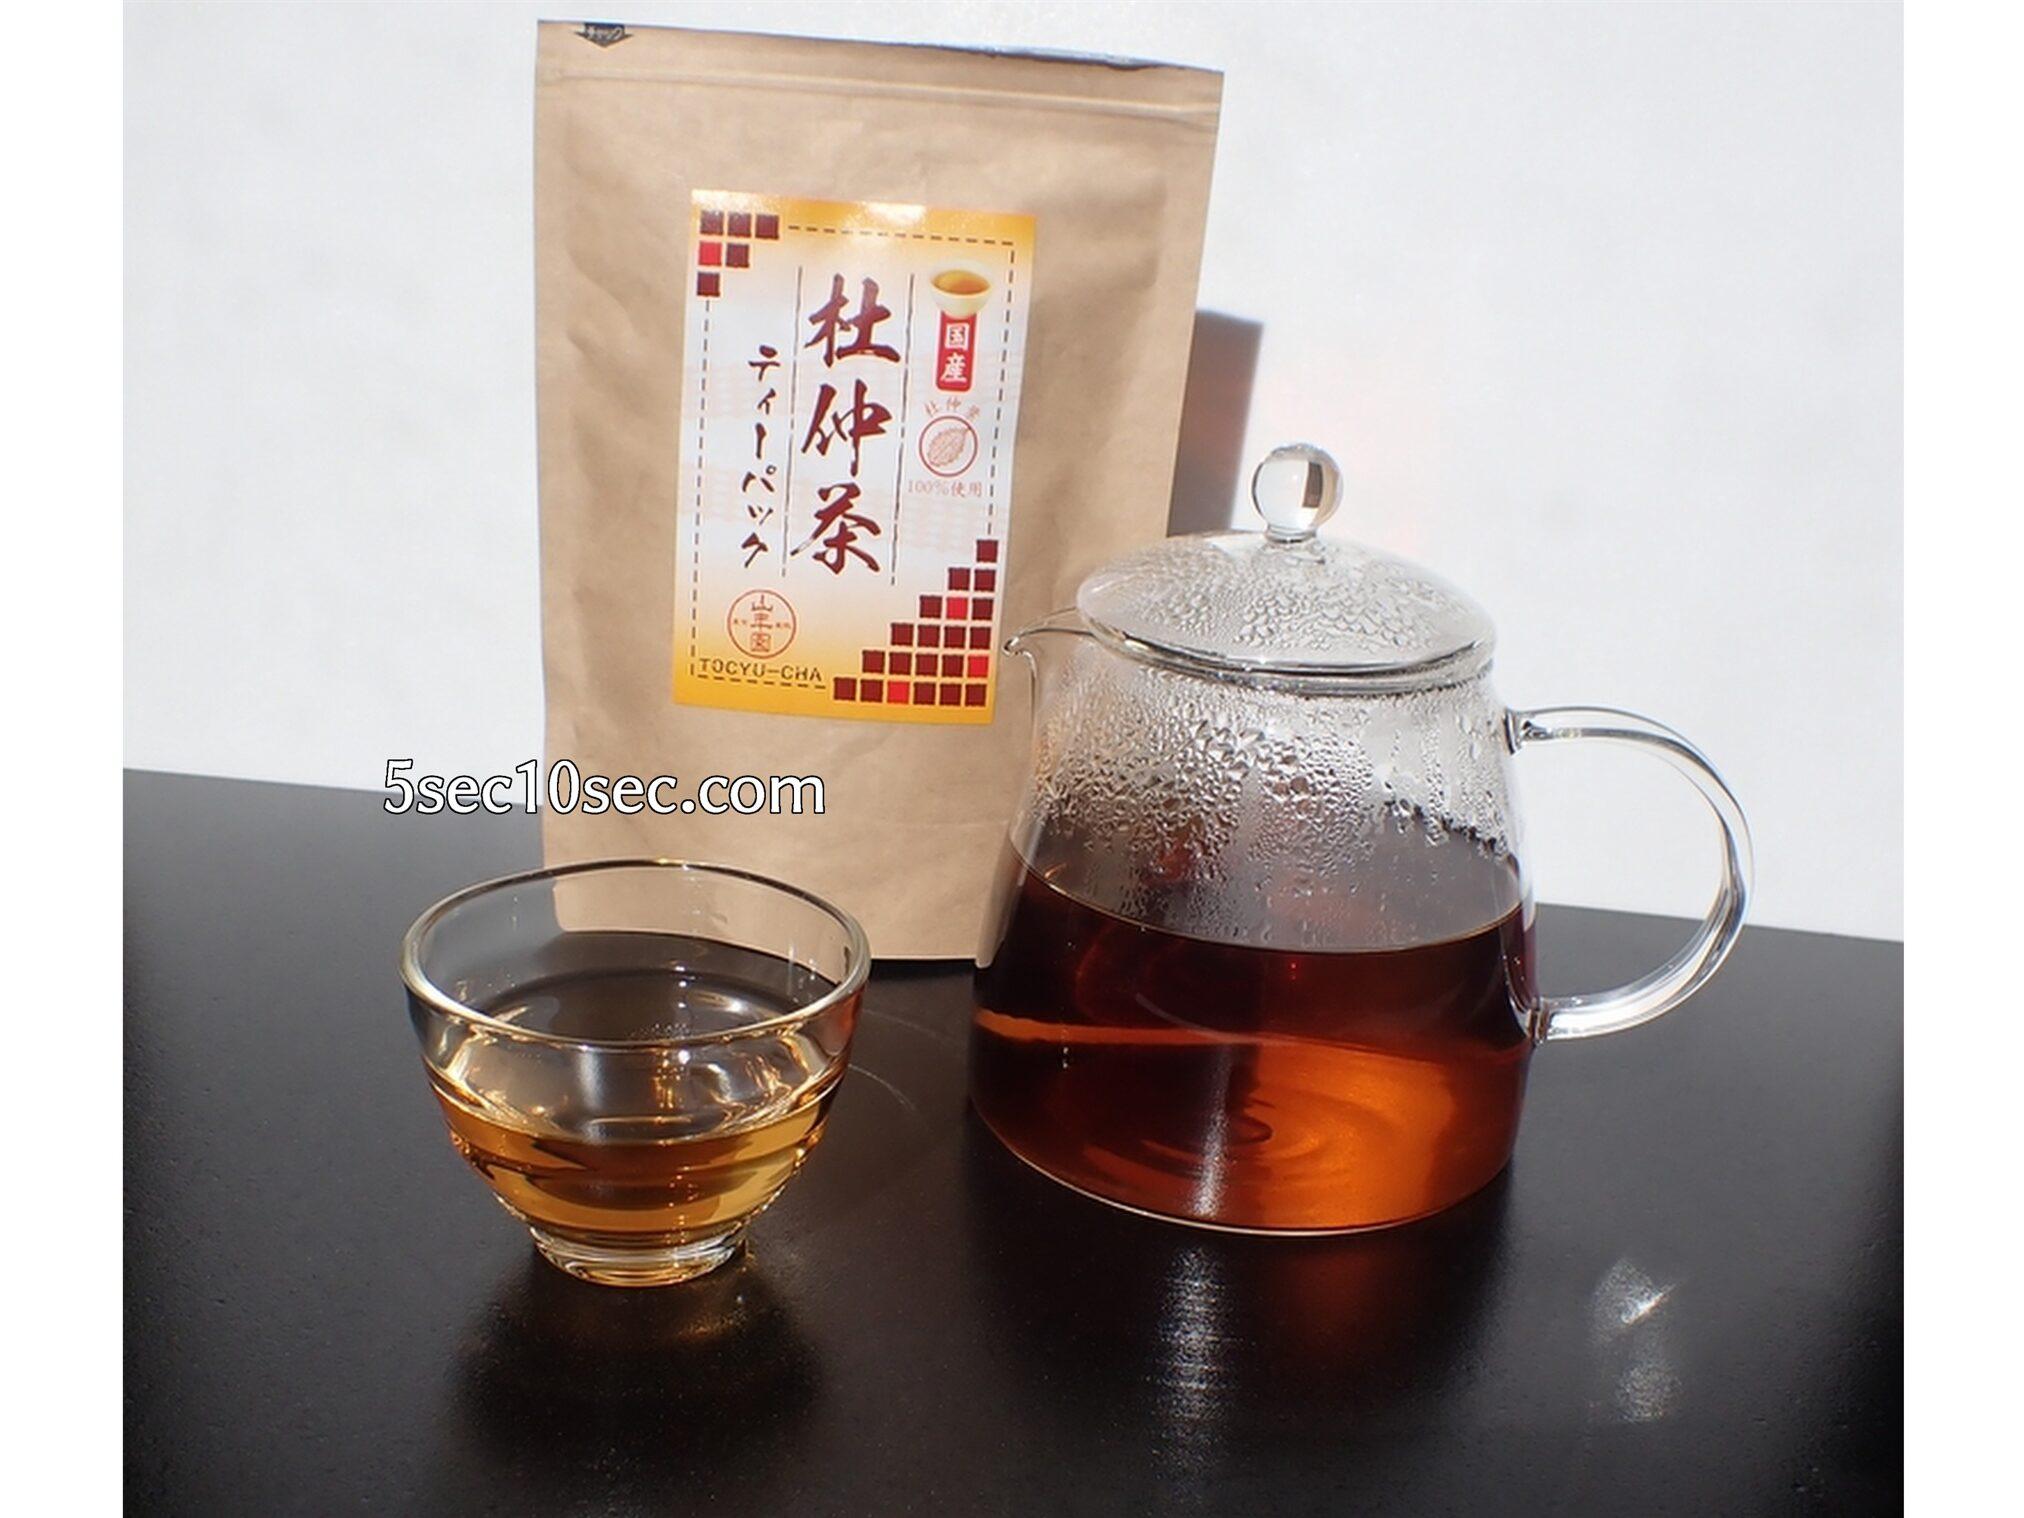 有限会社山年園 杜仲茶 国産 煮出して飲みますが、ティーポットに入れるだけでも飲むことができました